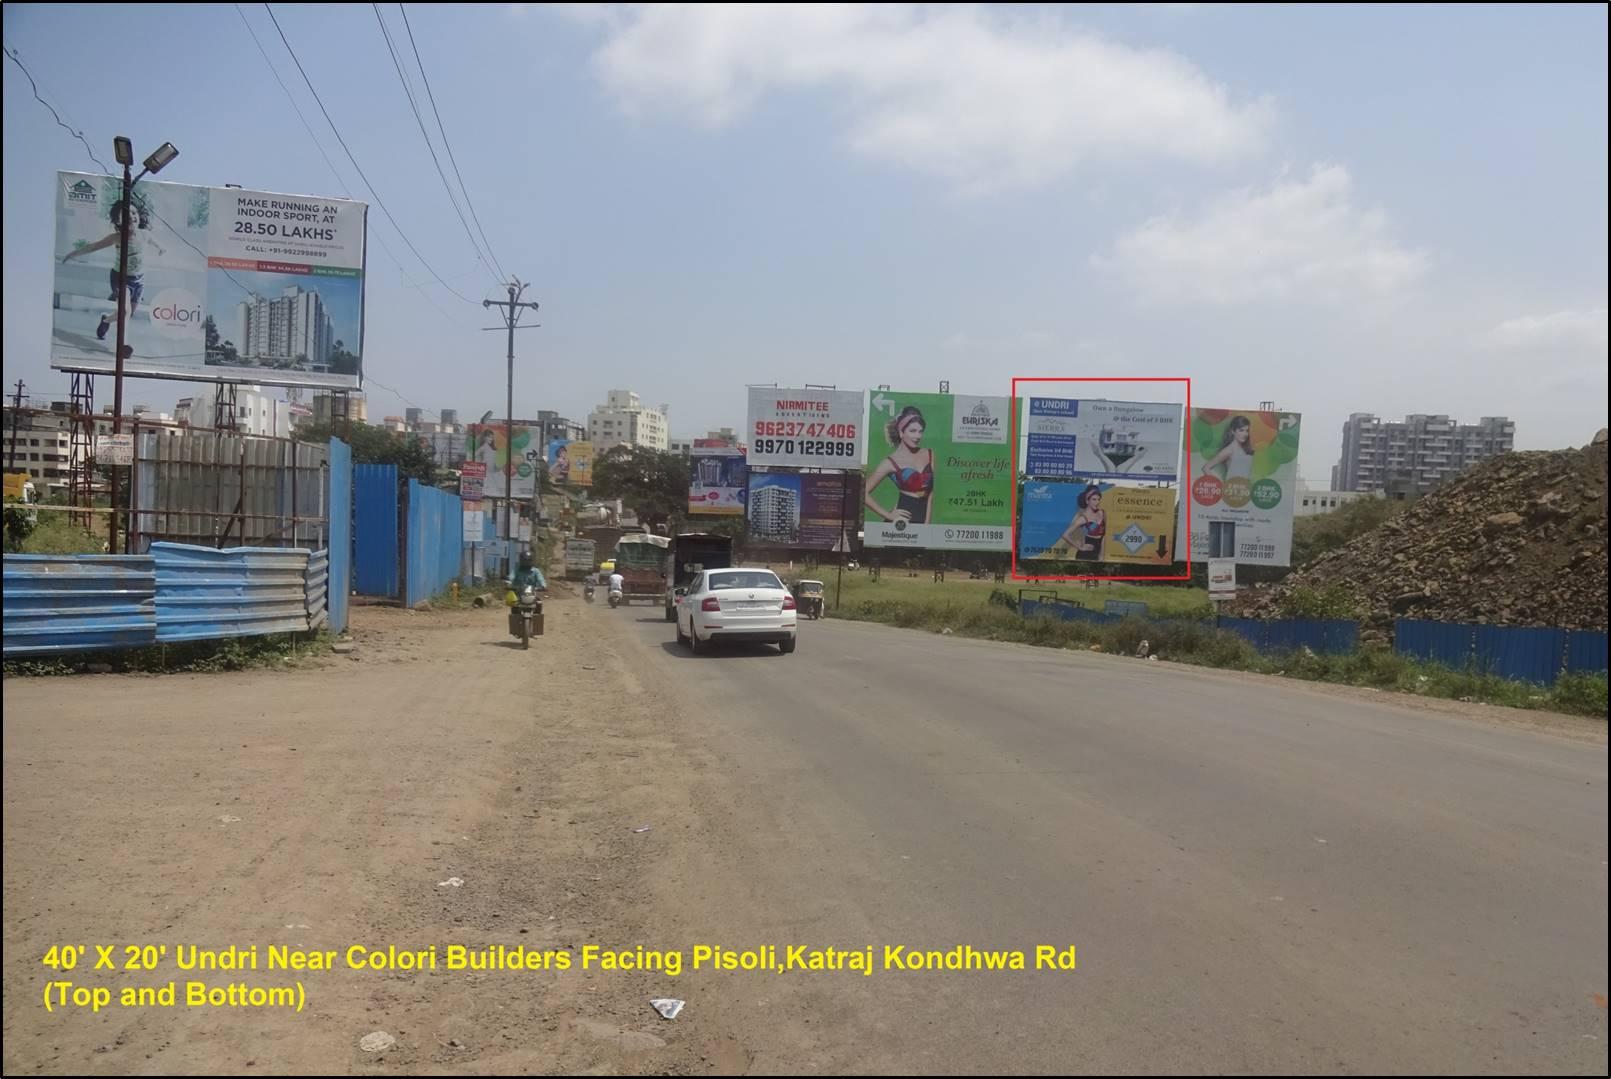 Near Calori Builders, Undri